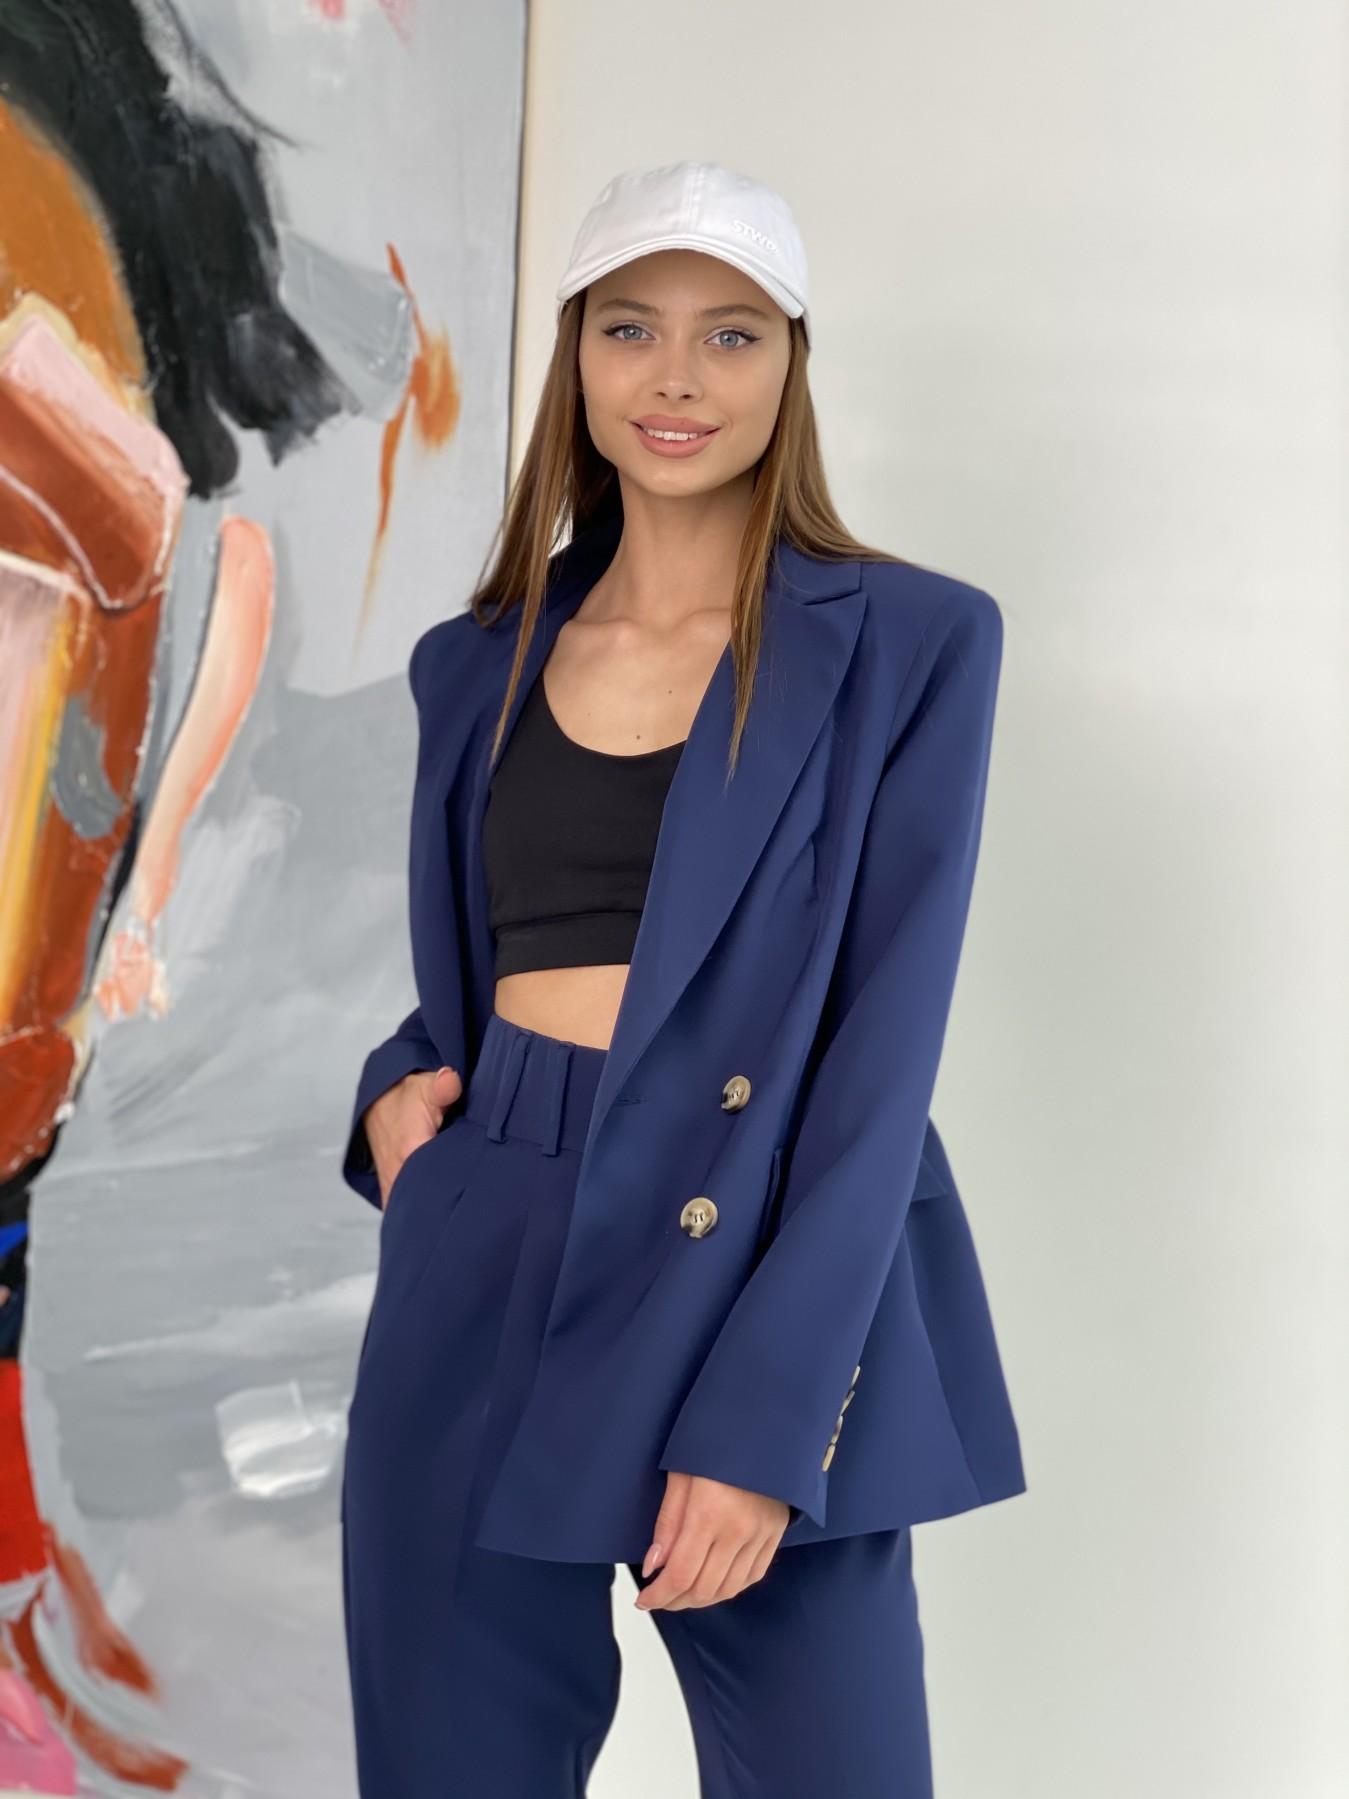 Франко костюм из костюмной ткани 11090 АРТ. 47972 Цвет: Т.синий - фото 7, интернет магазин tm-modus.ru